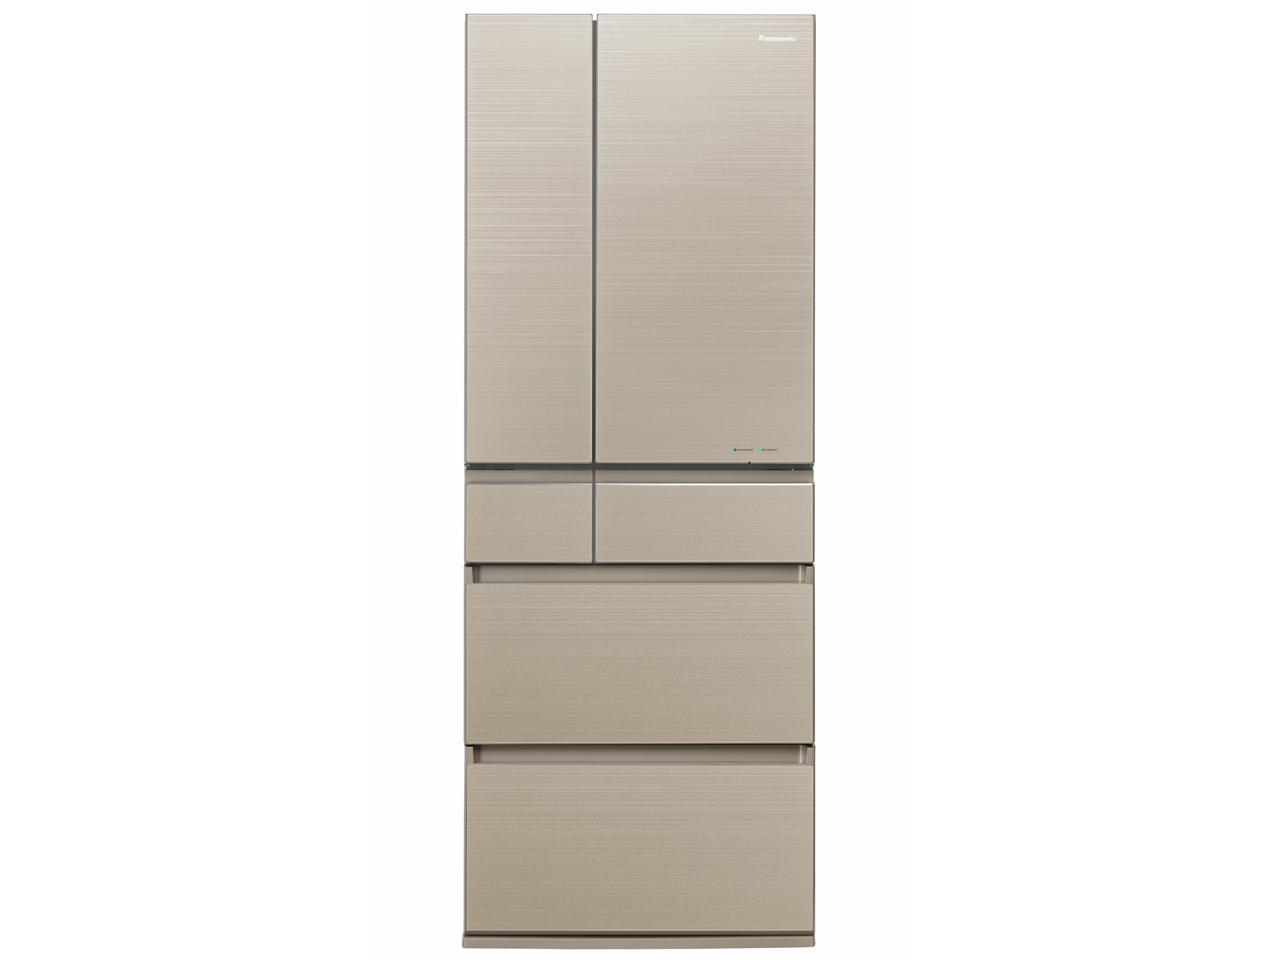 【標準設置無料】 パナソニック 600L パーシャル搭載冷蔵庫NR-F604HPX-N 質量:116kg